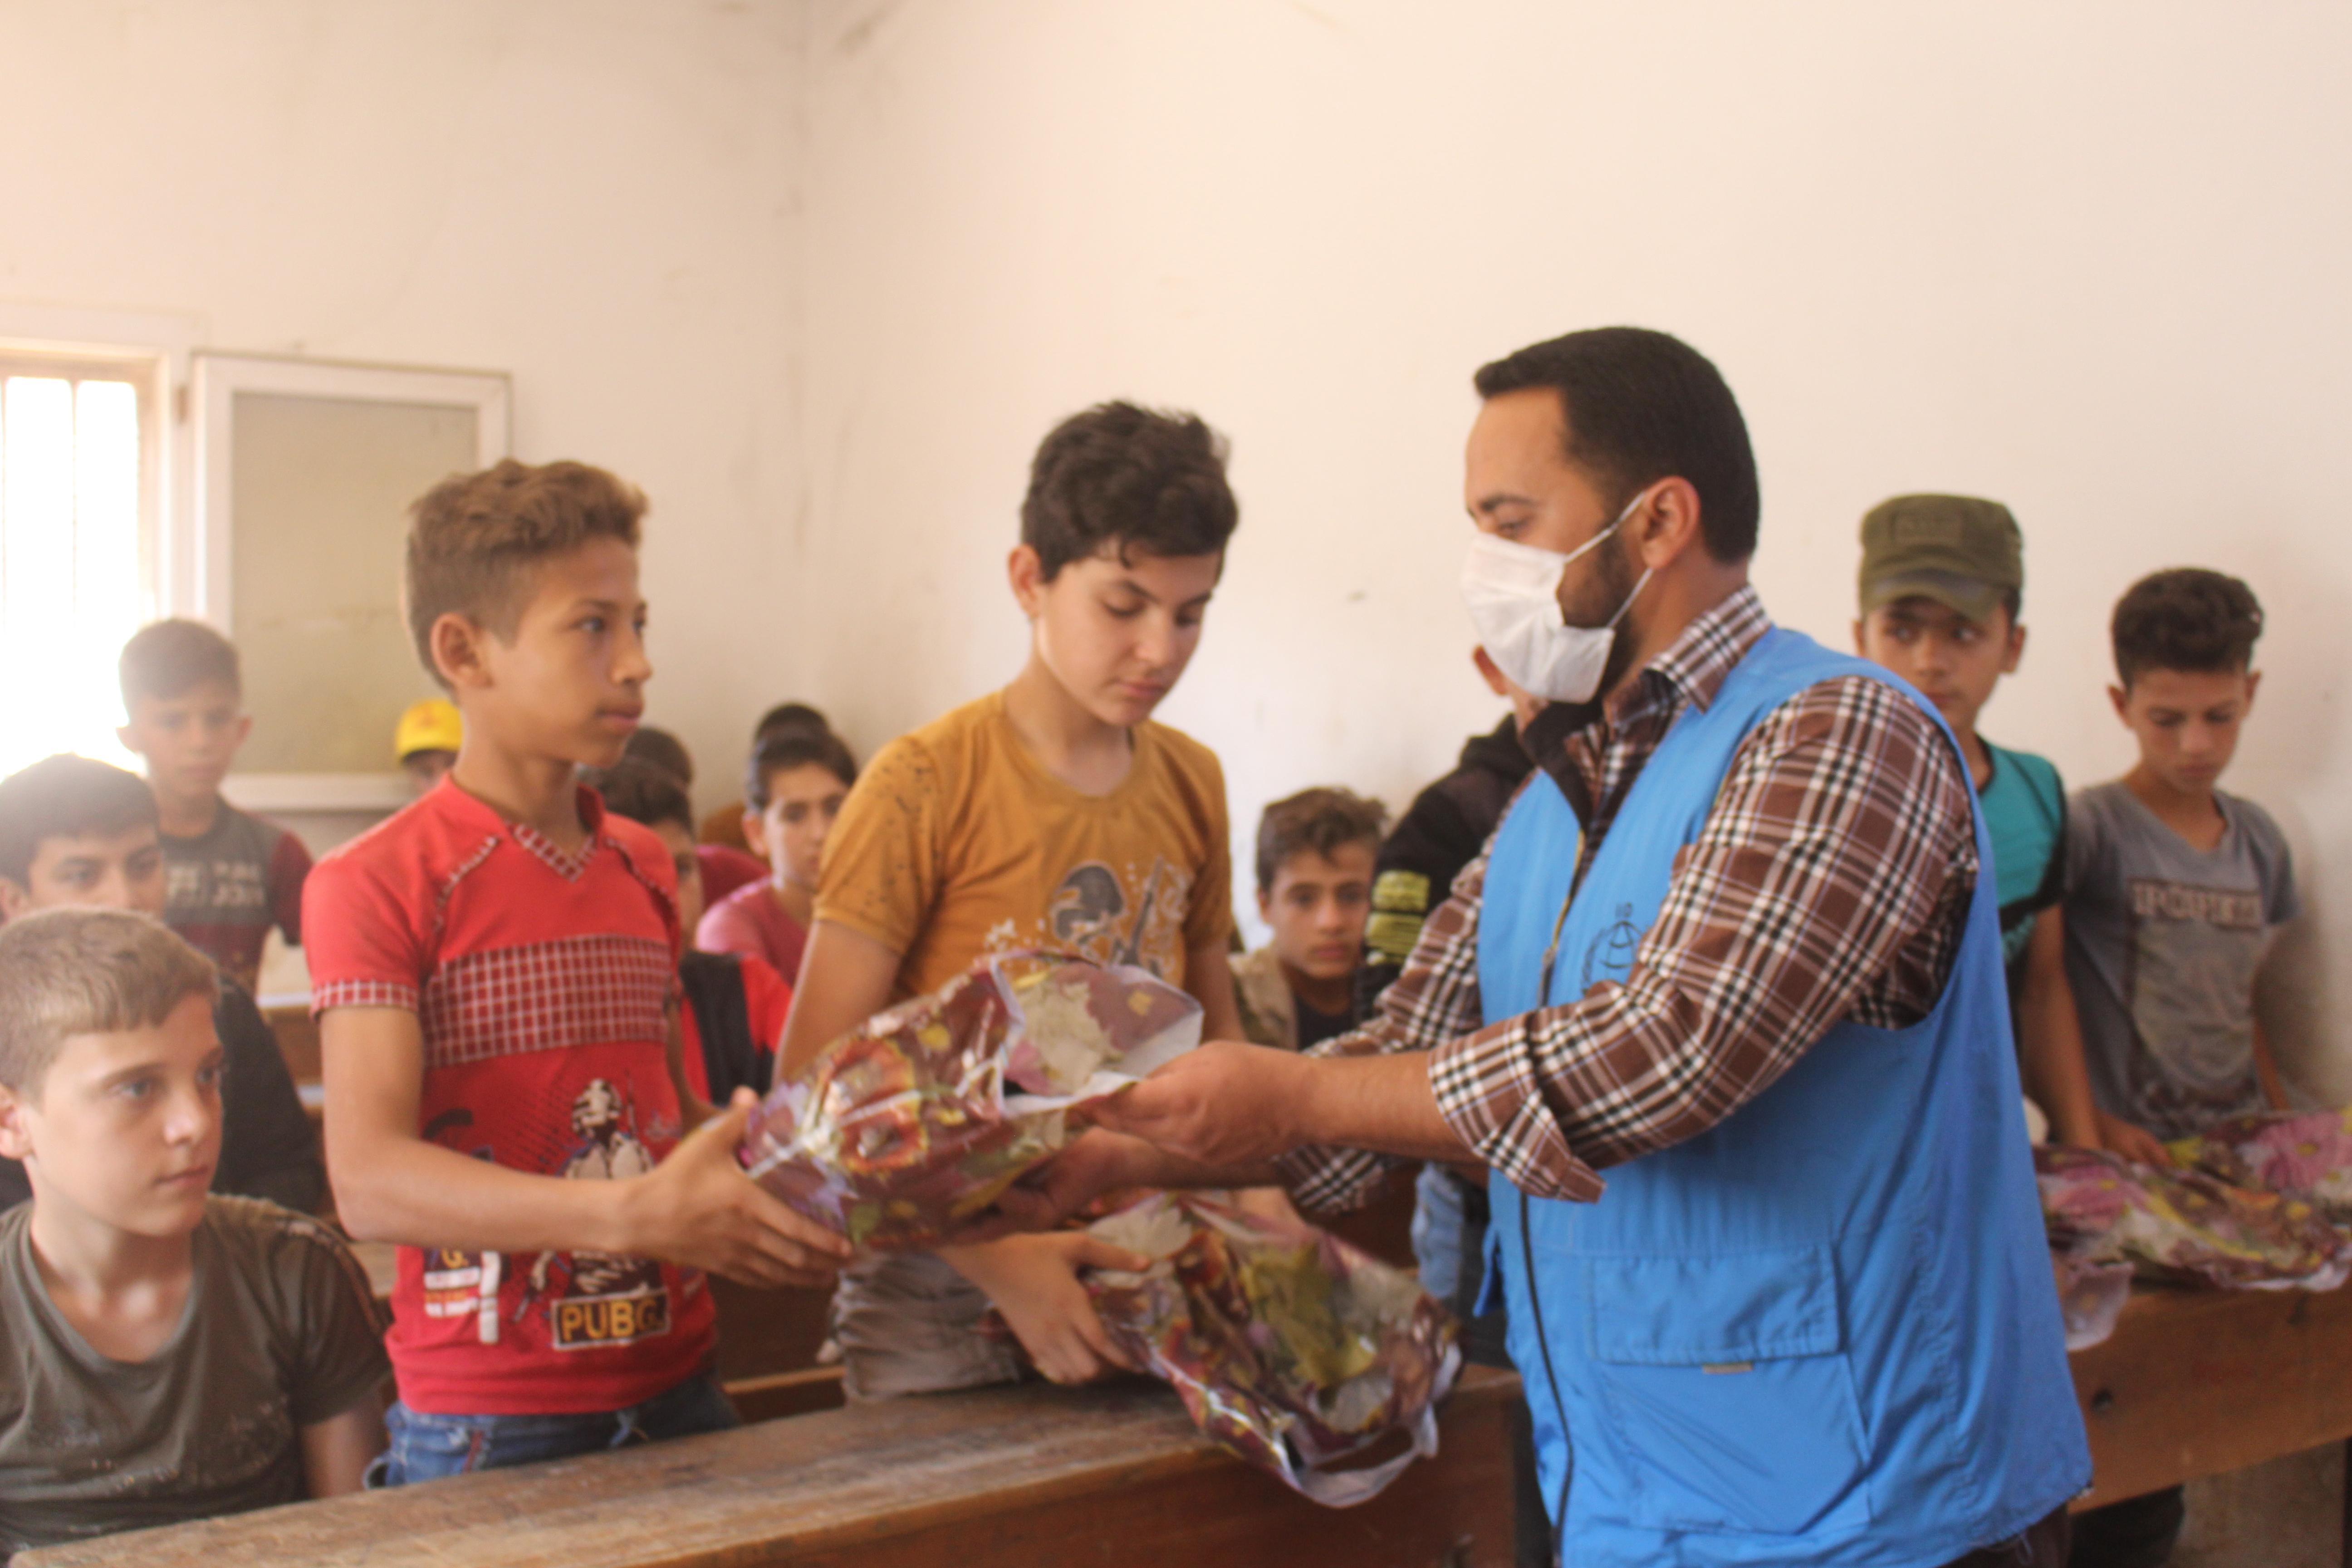 Yeni bayramlıkları ile bayrama hazır çocuklar - Haberler - İnsanı İnşa Derneği İİD. Uluslararası Yardım Kuruluşu